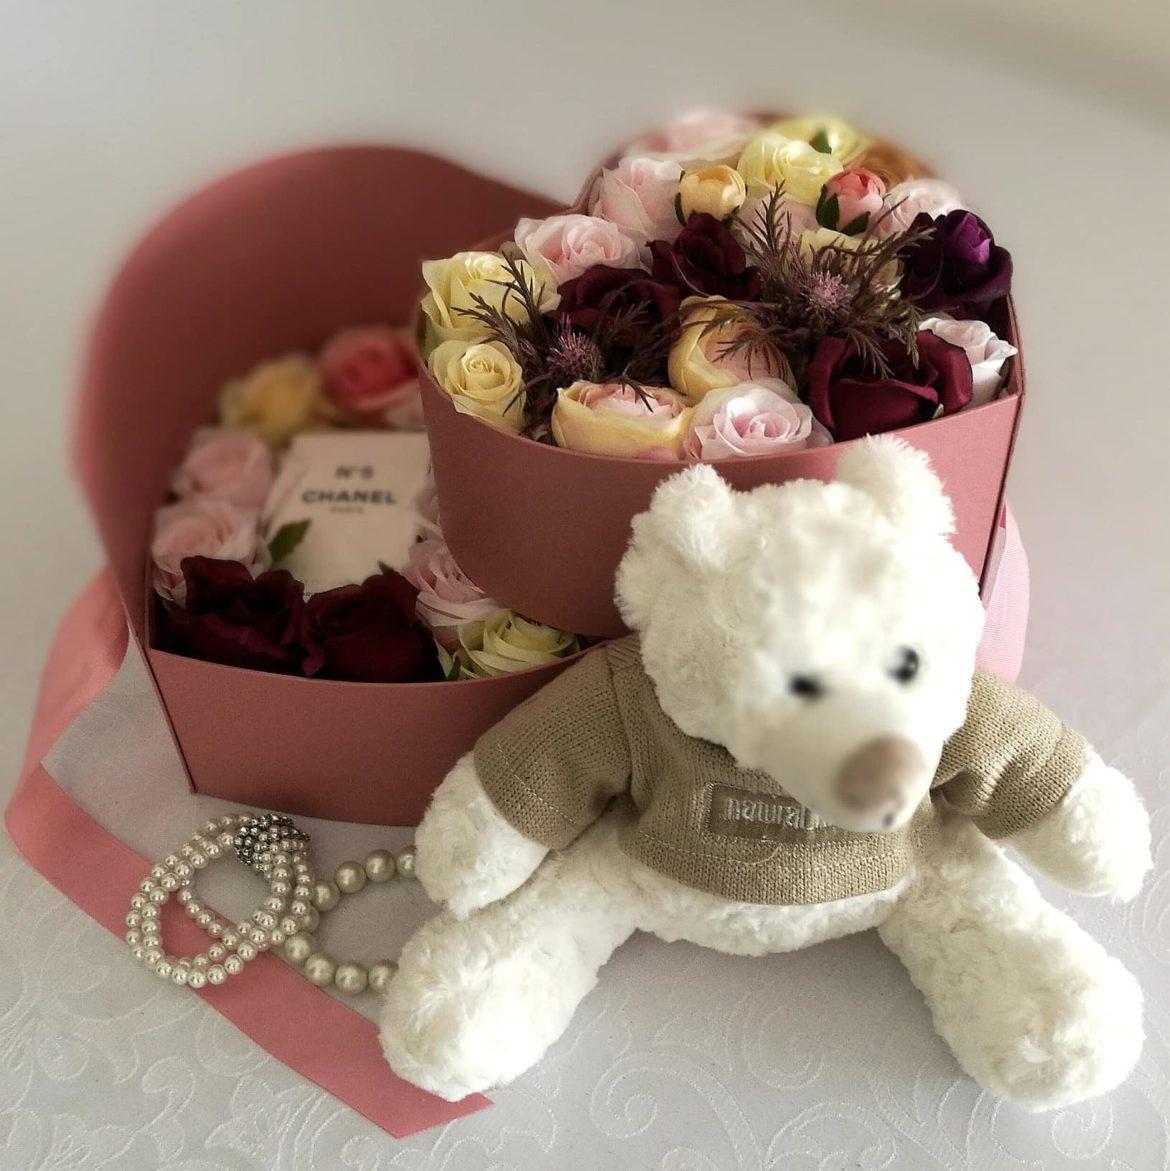 Flower box z Chanel 5